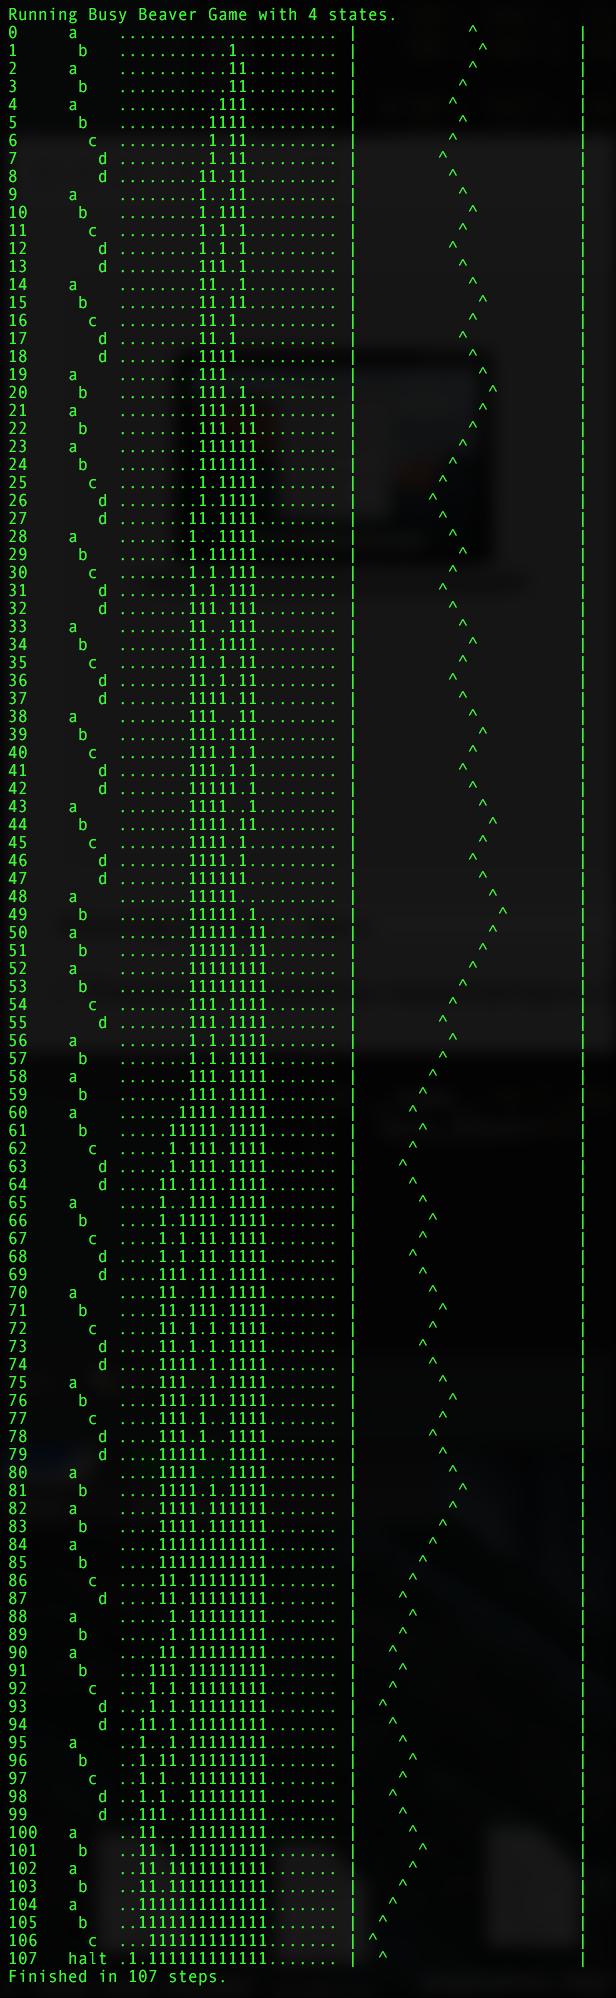 Невычислимые функции на примере Busy Beaver Game - 8